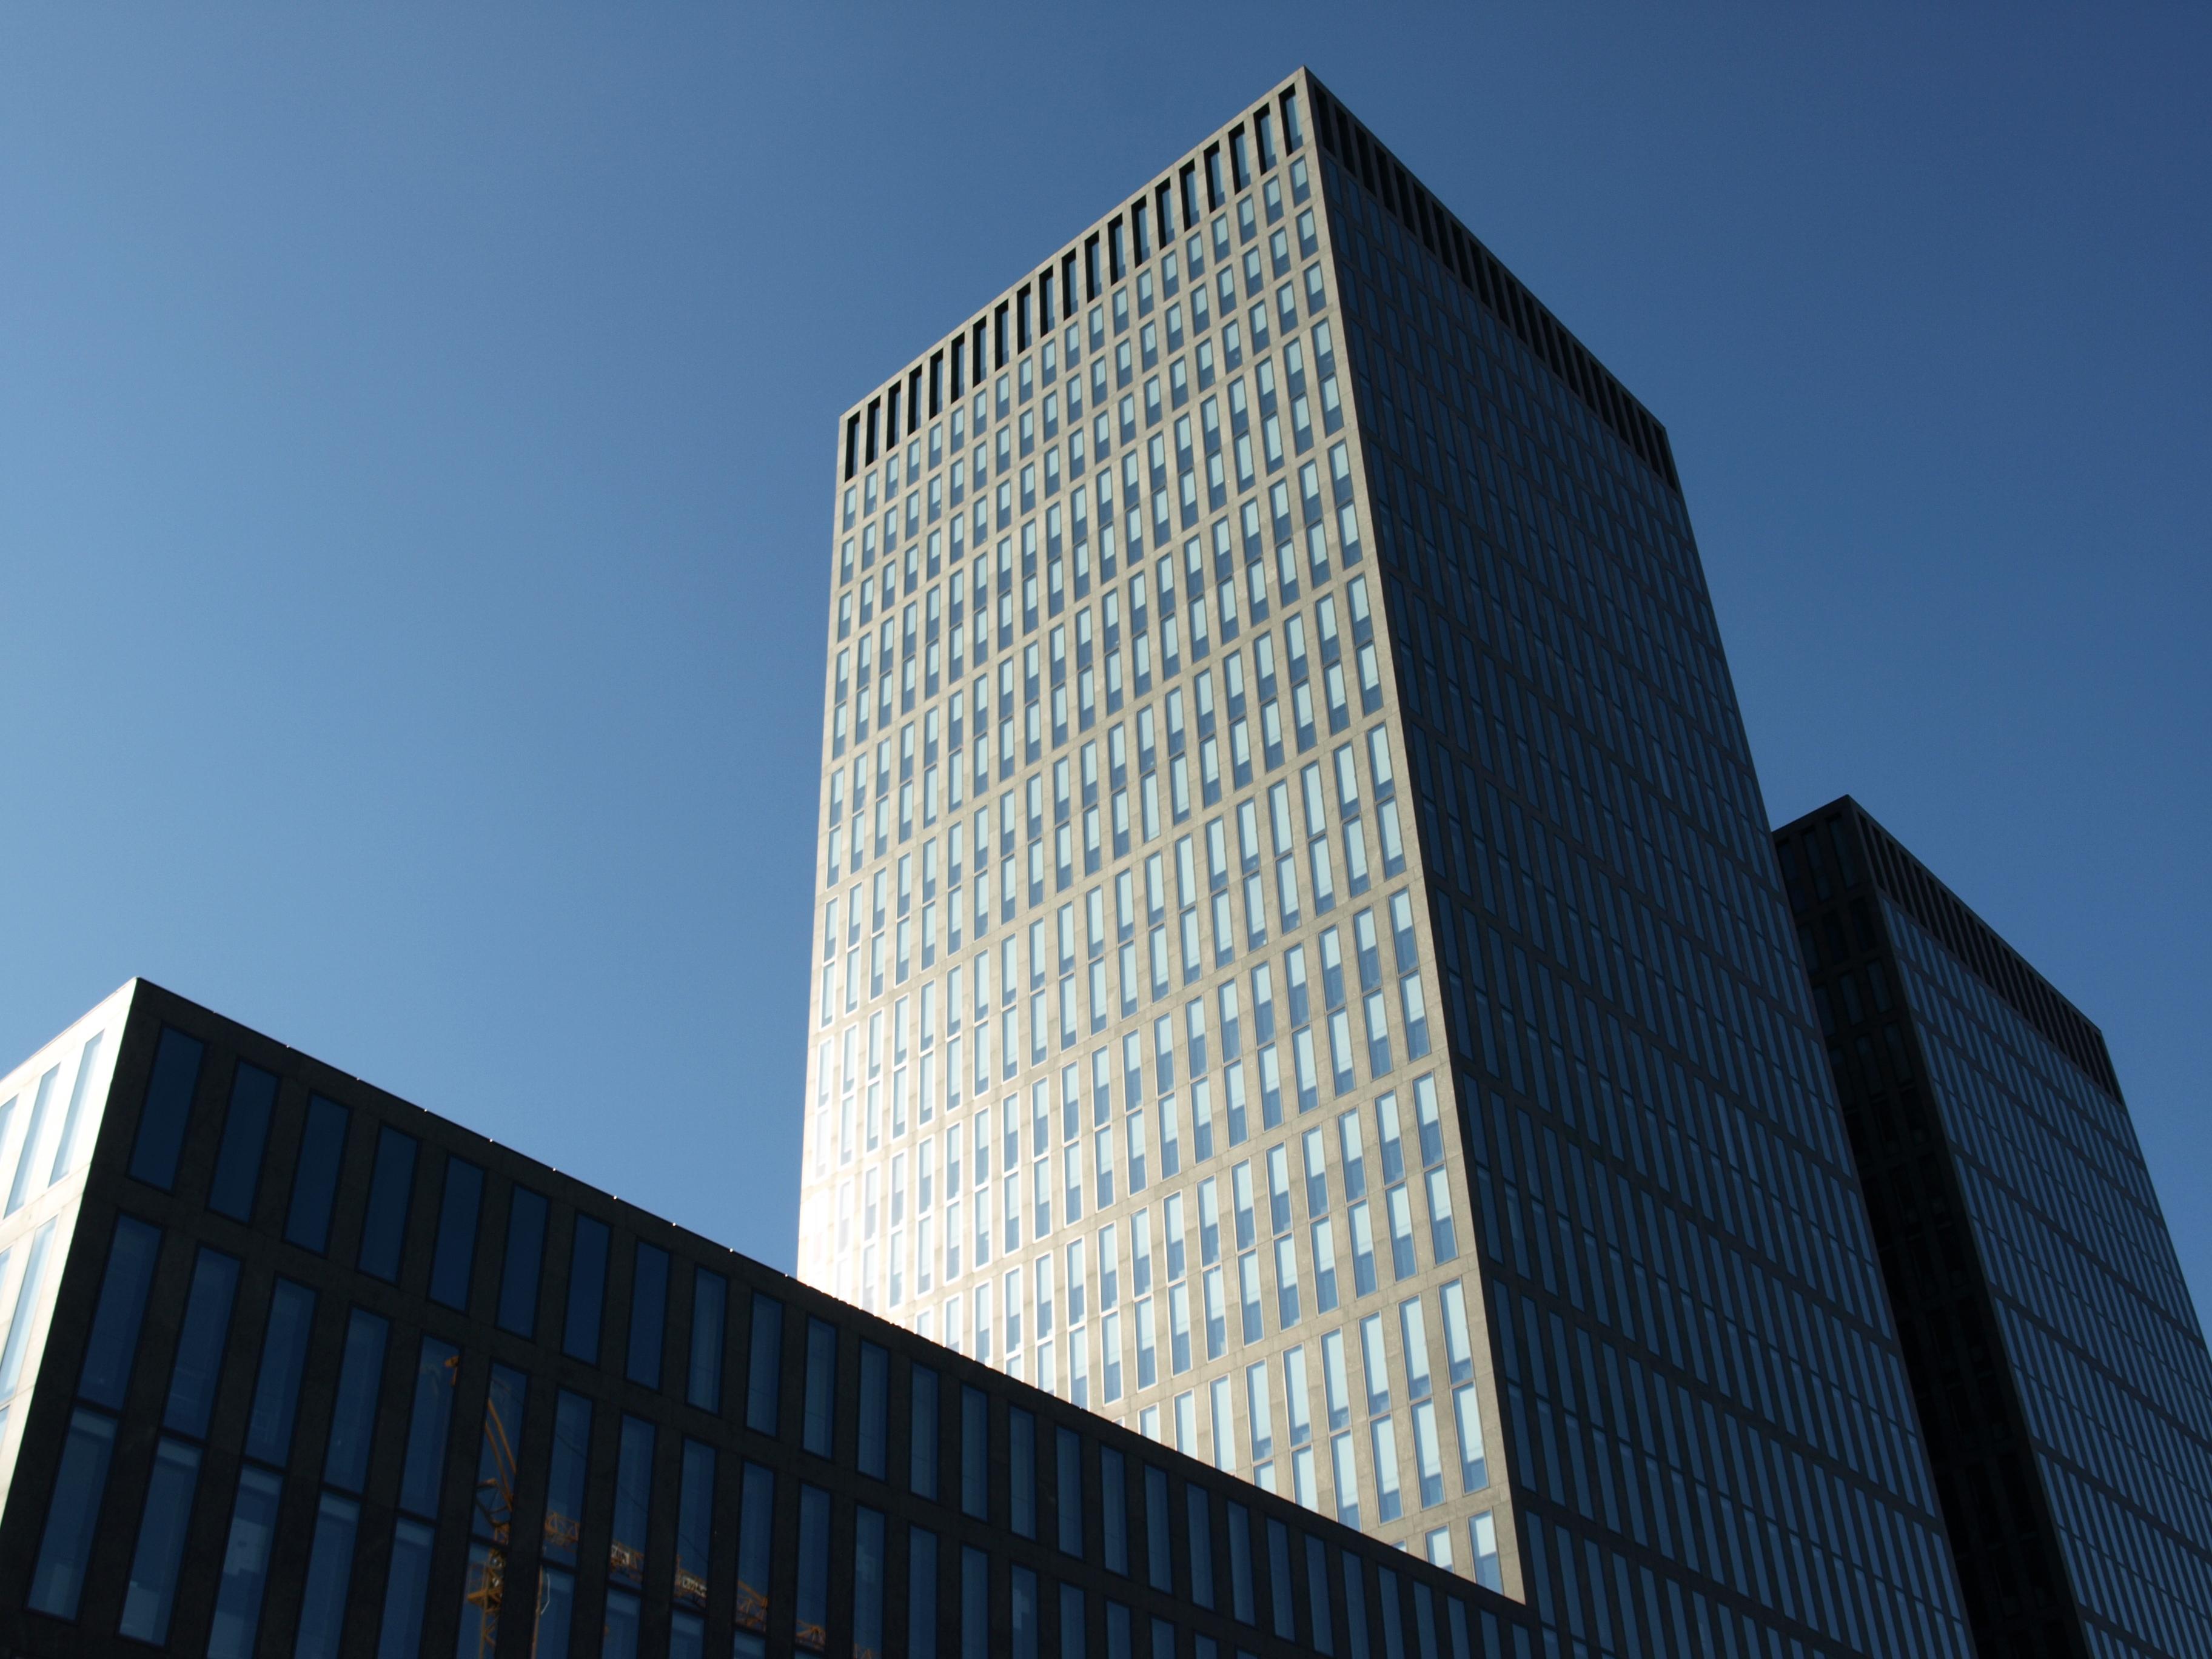 skyscraper - photo #9